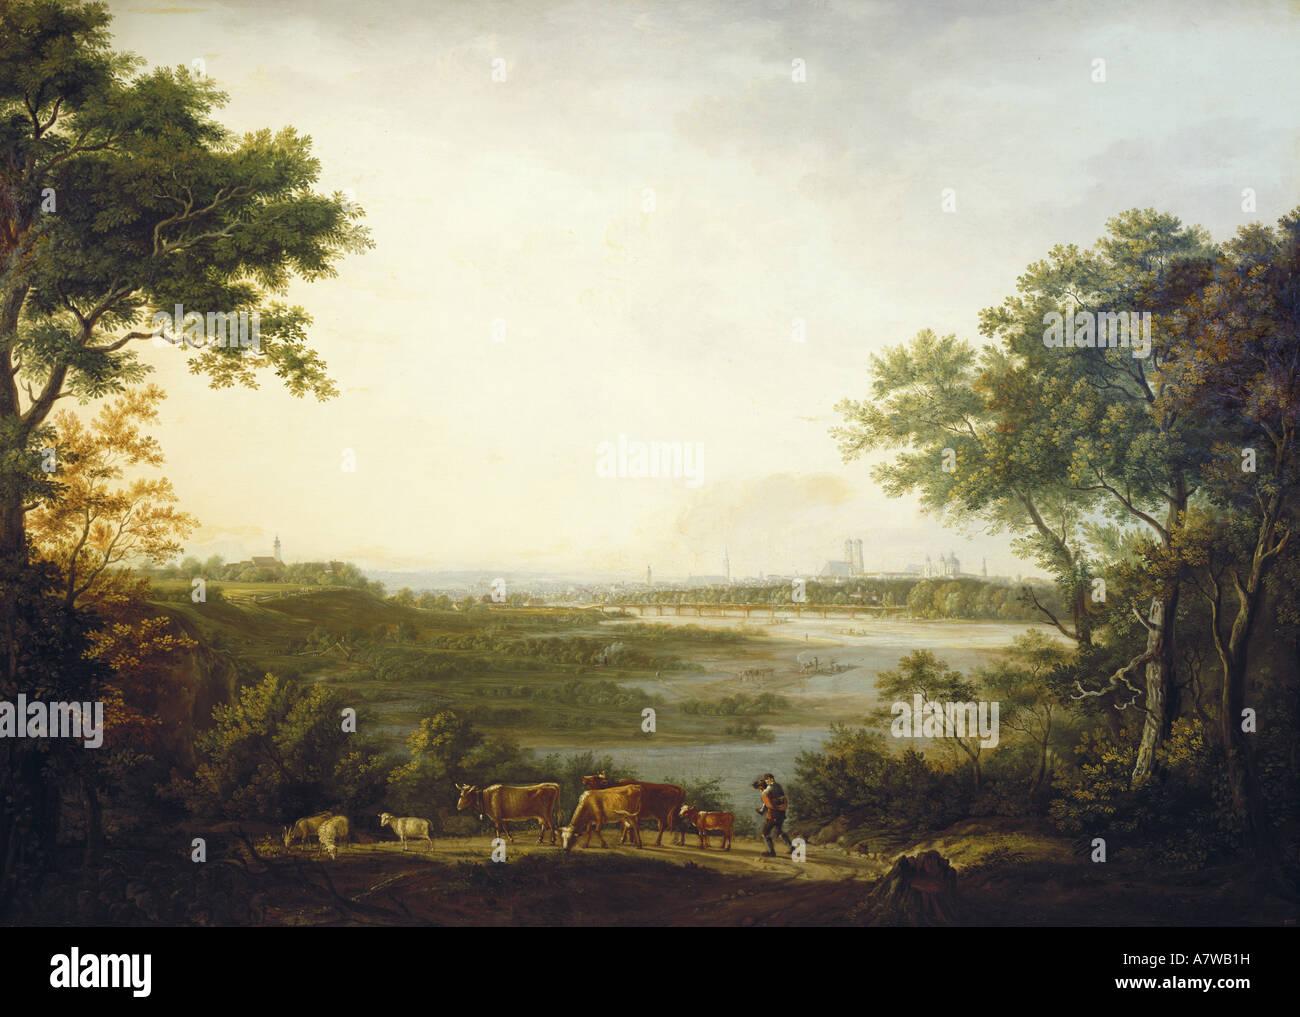 """Bildende Kunst, Dorner, Johann Jakob, der Ältere (1766-1813), """"Ansicht von München', Malerei, 1806, Öl auf Leinwand, Stockfoto"""